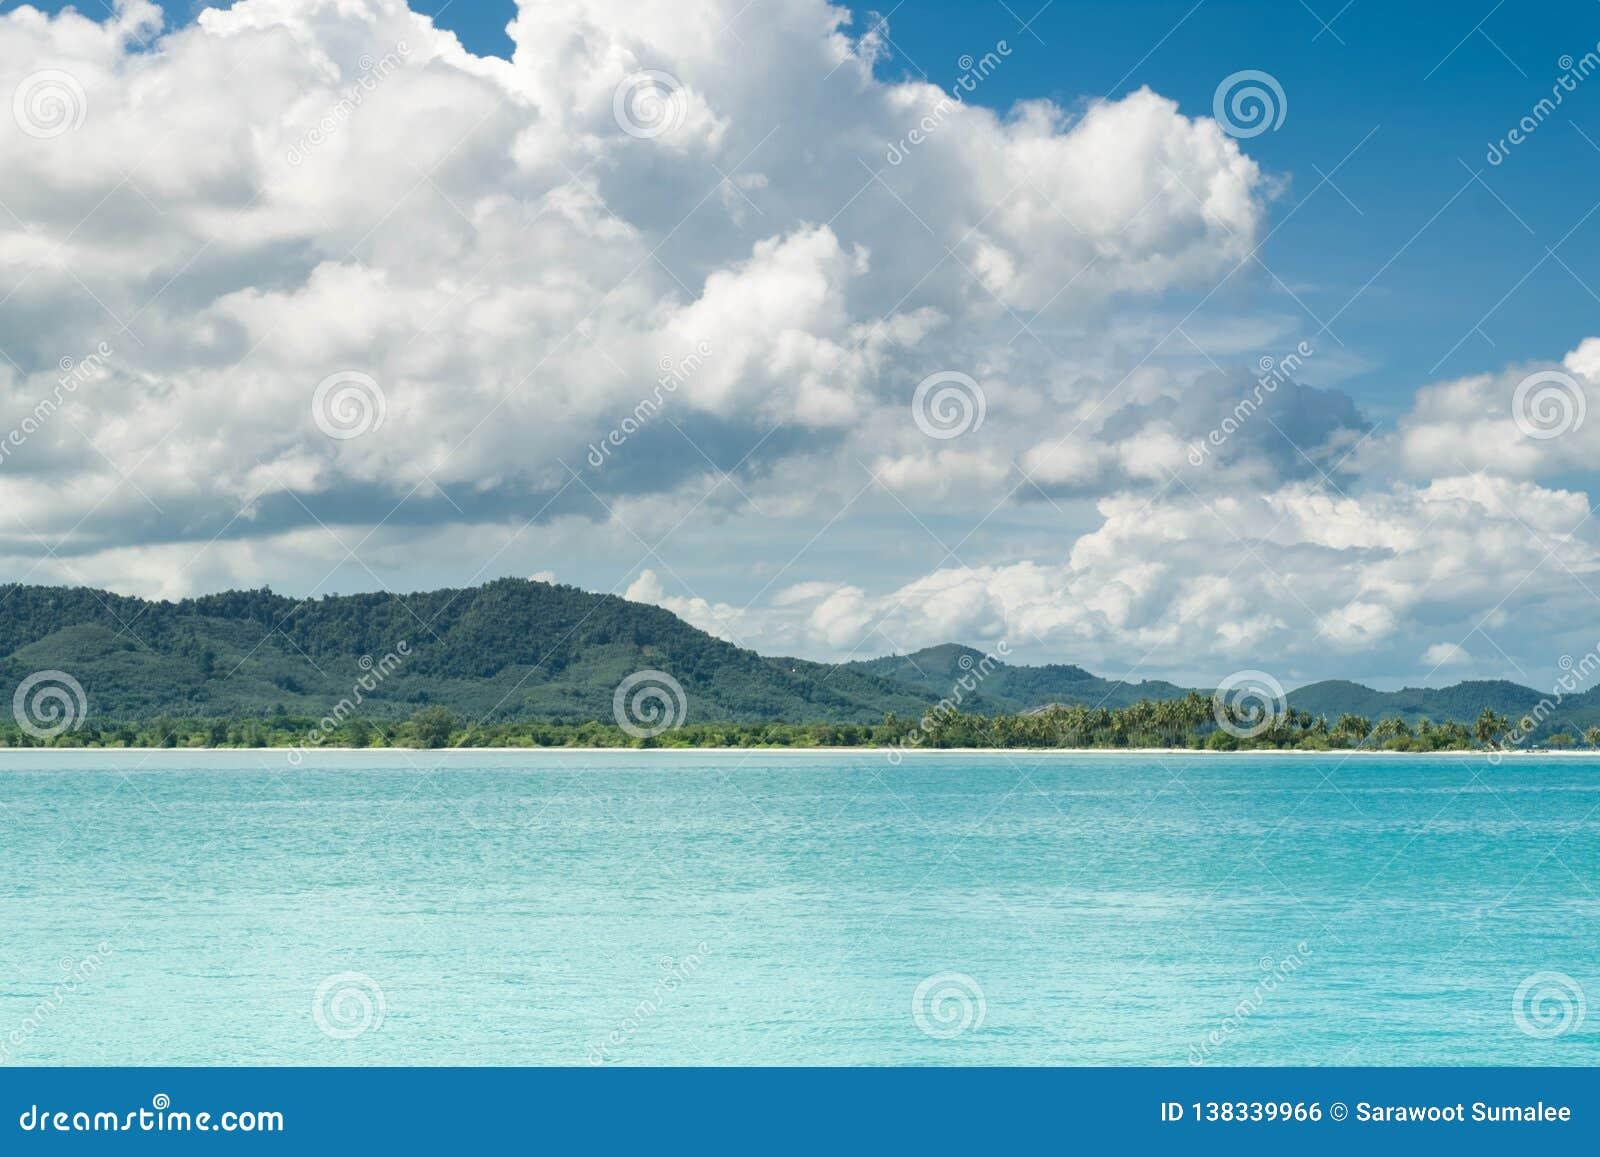 Mer de la Thaïlande Andaman belle baie de bord de la mer dans la côte Koh Yao yai Paysage marin stupéfiant de plage et de montagn